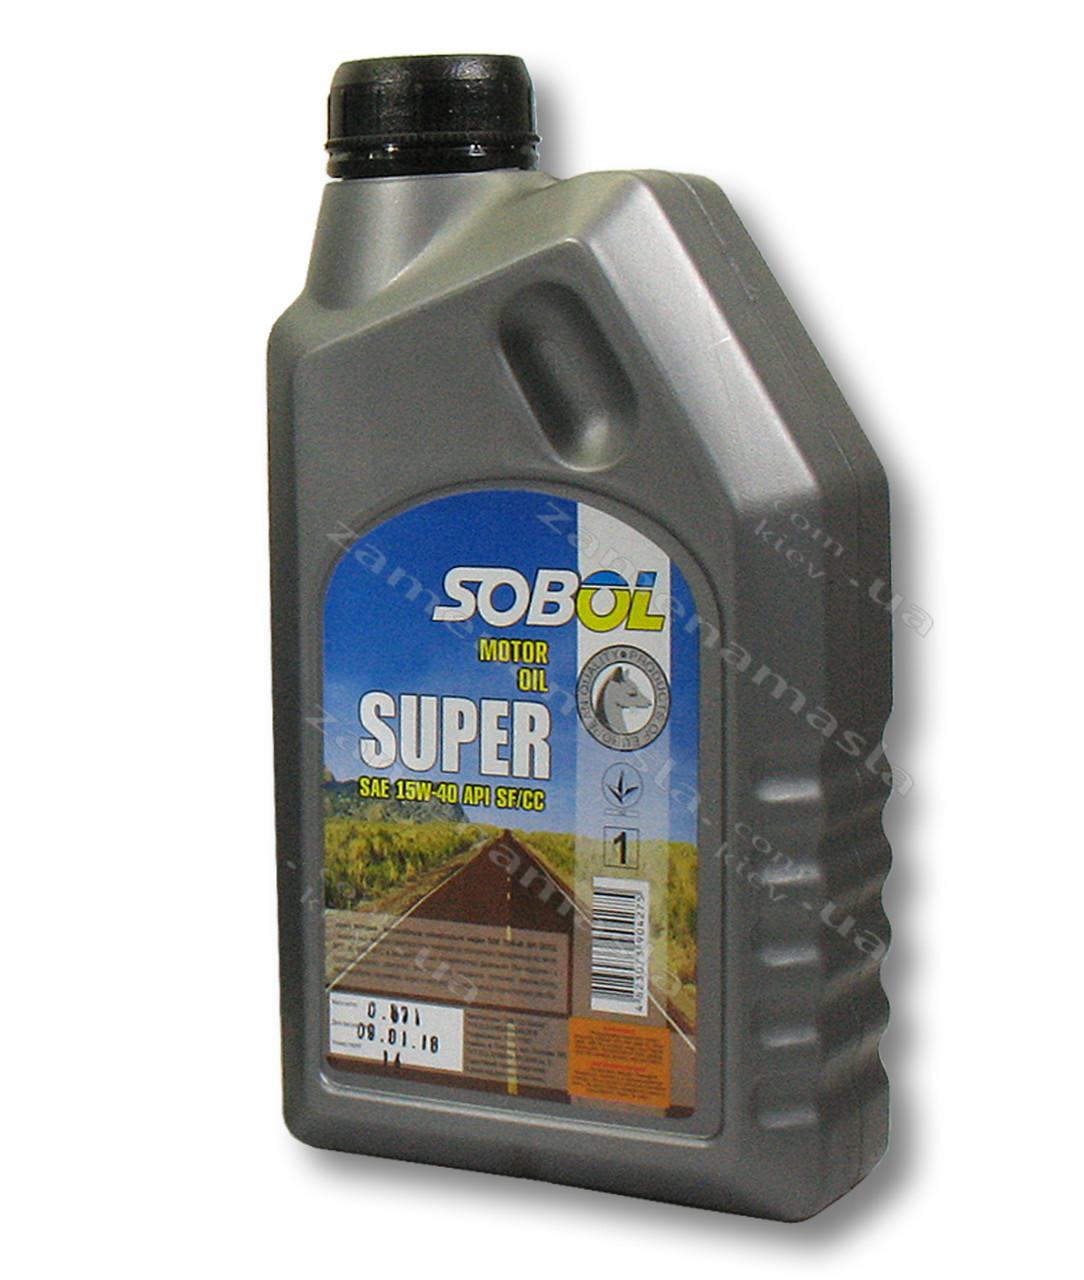 Sobol 15w40 1л - моторное масло